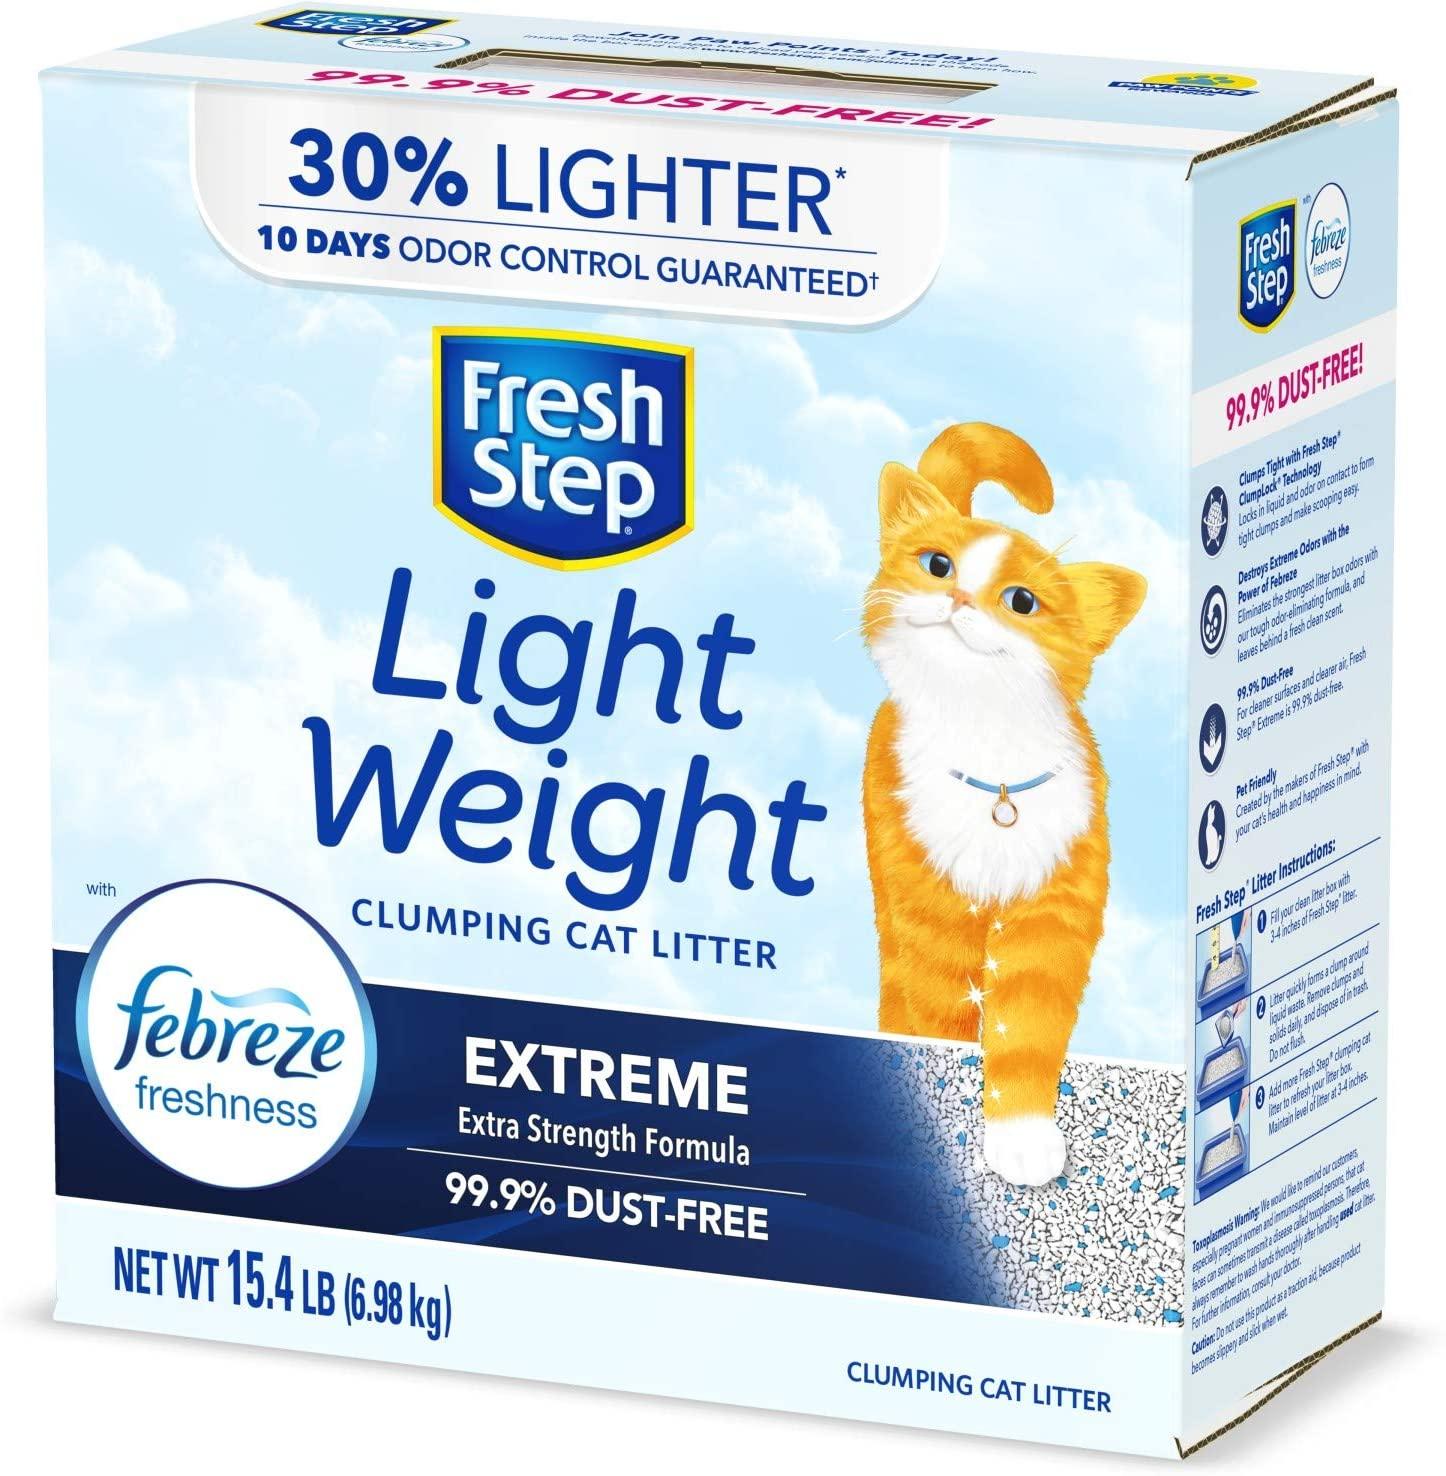 Fresh Step Lightweight Clumping Cat Litter